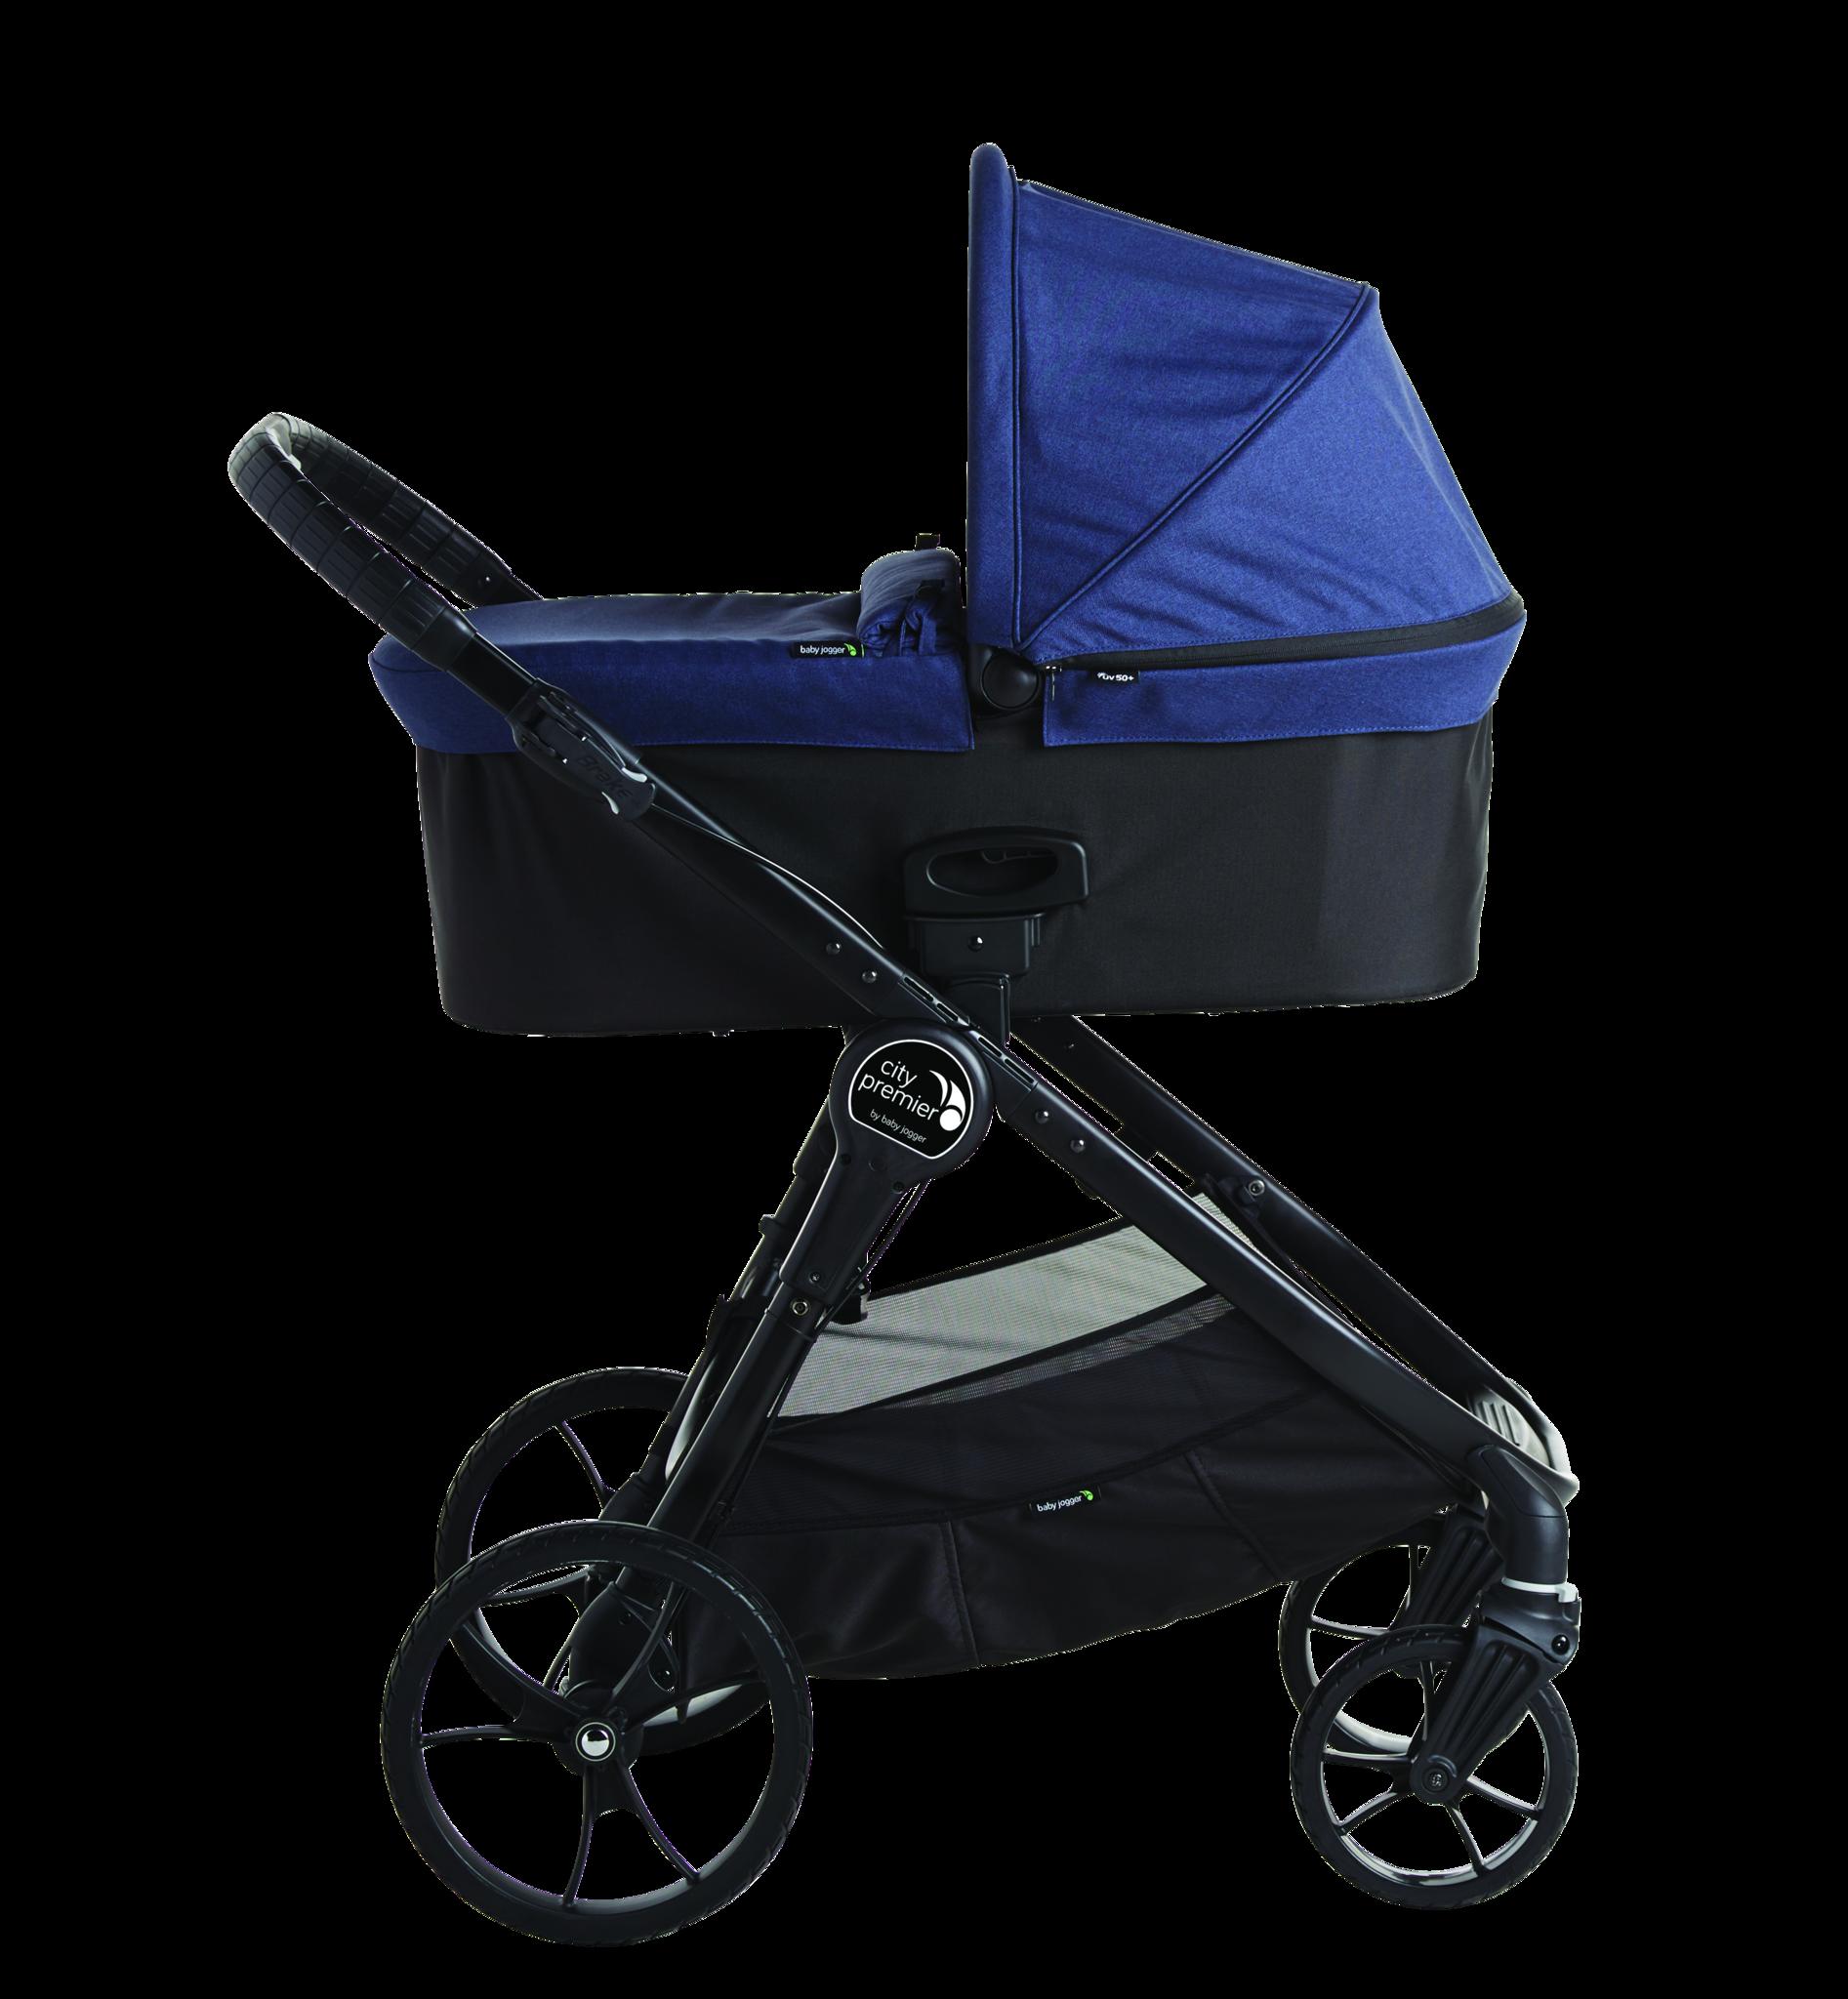 Pram Baby Stroller PNG Background Image #33382.